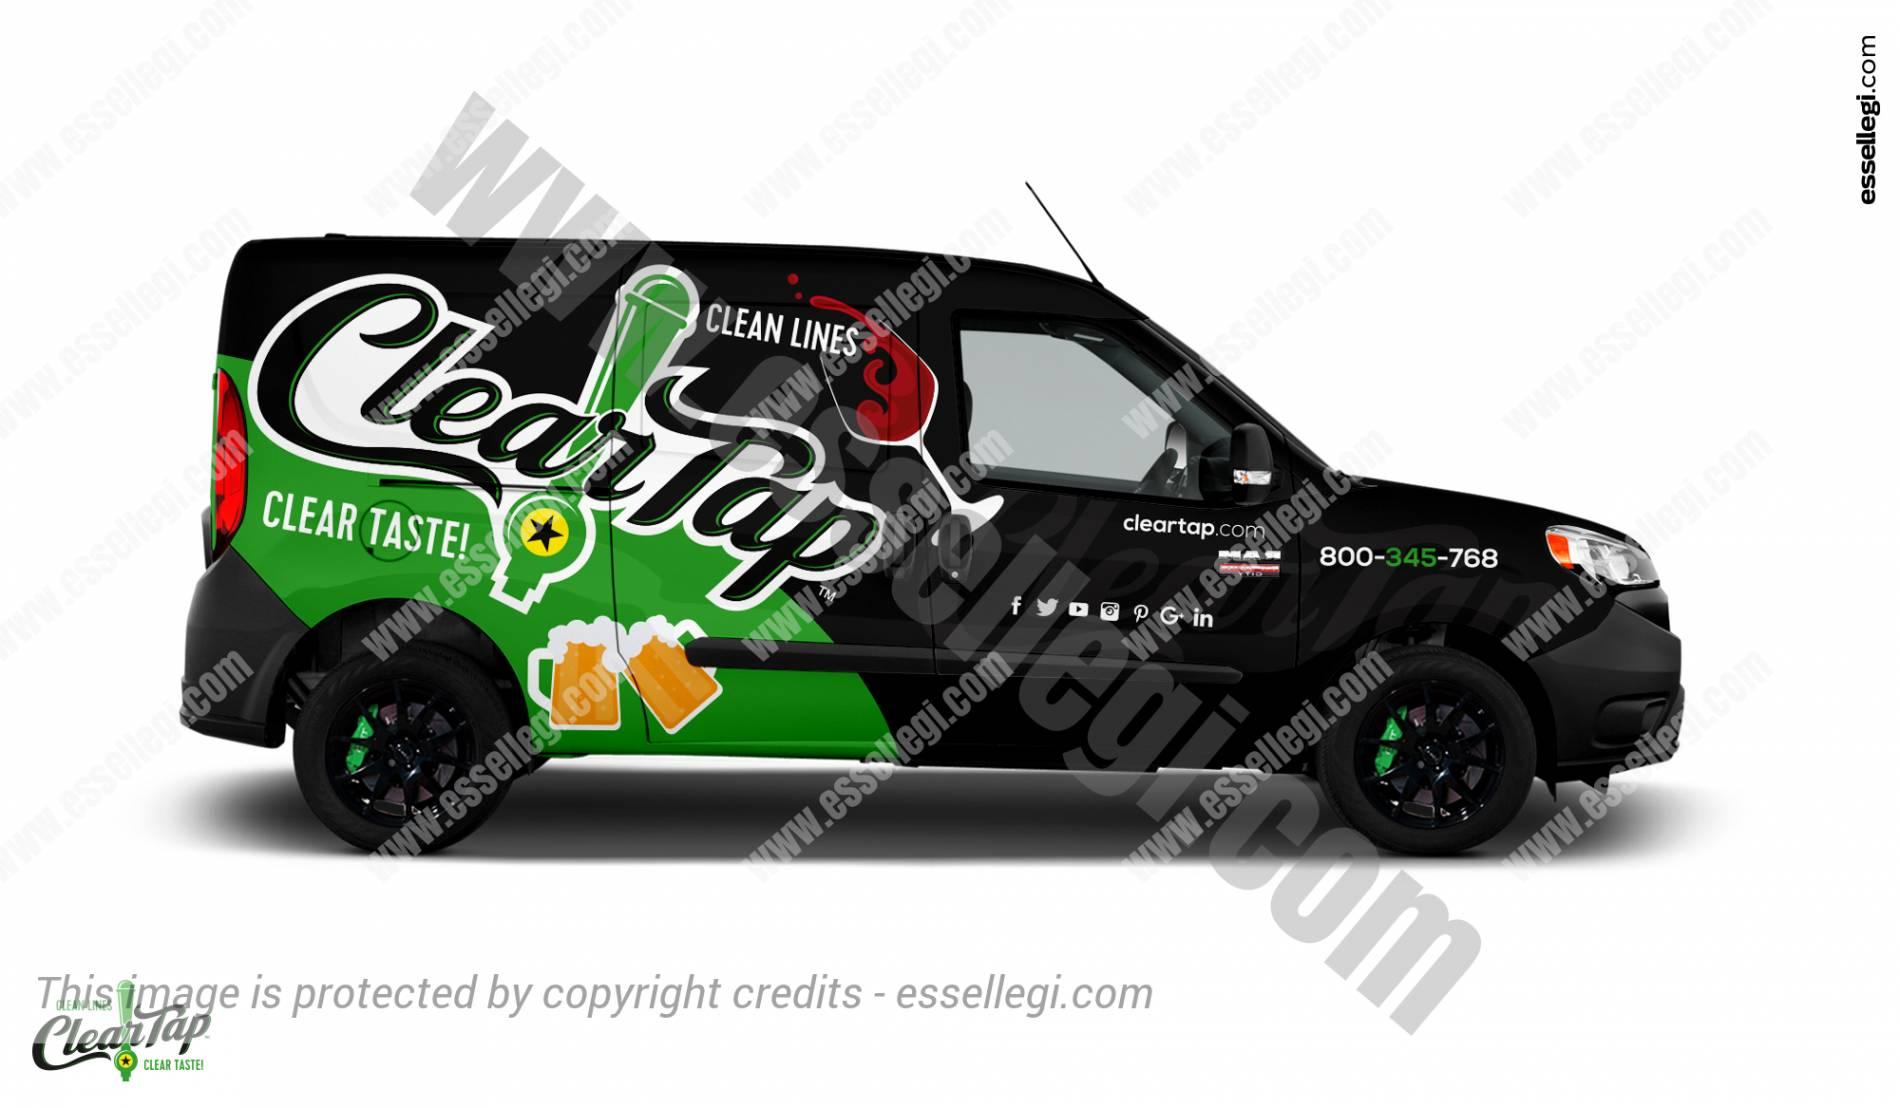 Dodge Ram ProMaster City | Van Wrap Design by Essellegi. Van Signs, Van Signage, Van Wrapping, Van Signwriting, Van Wrap Designer, Signs for Van, Van Logo, Van Graphic by Essellegi.